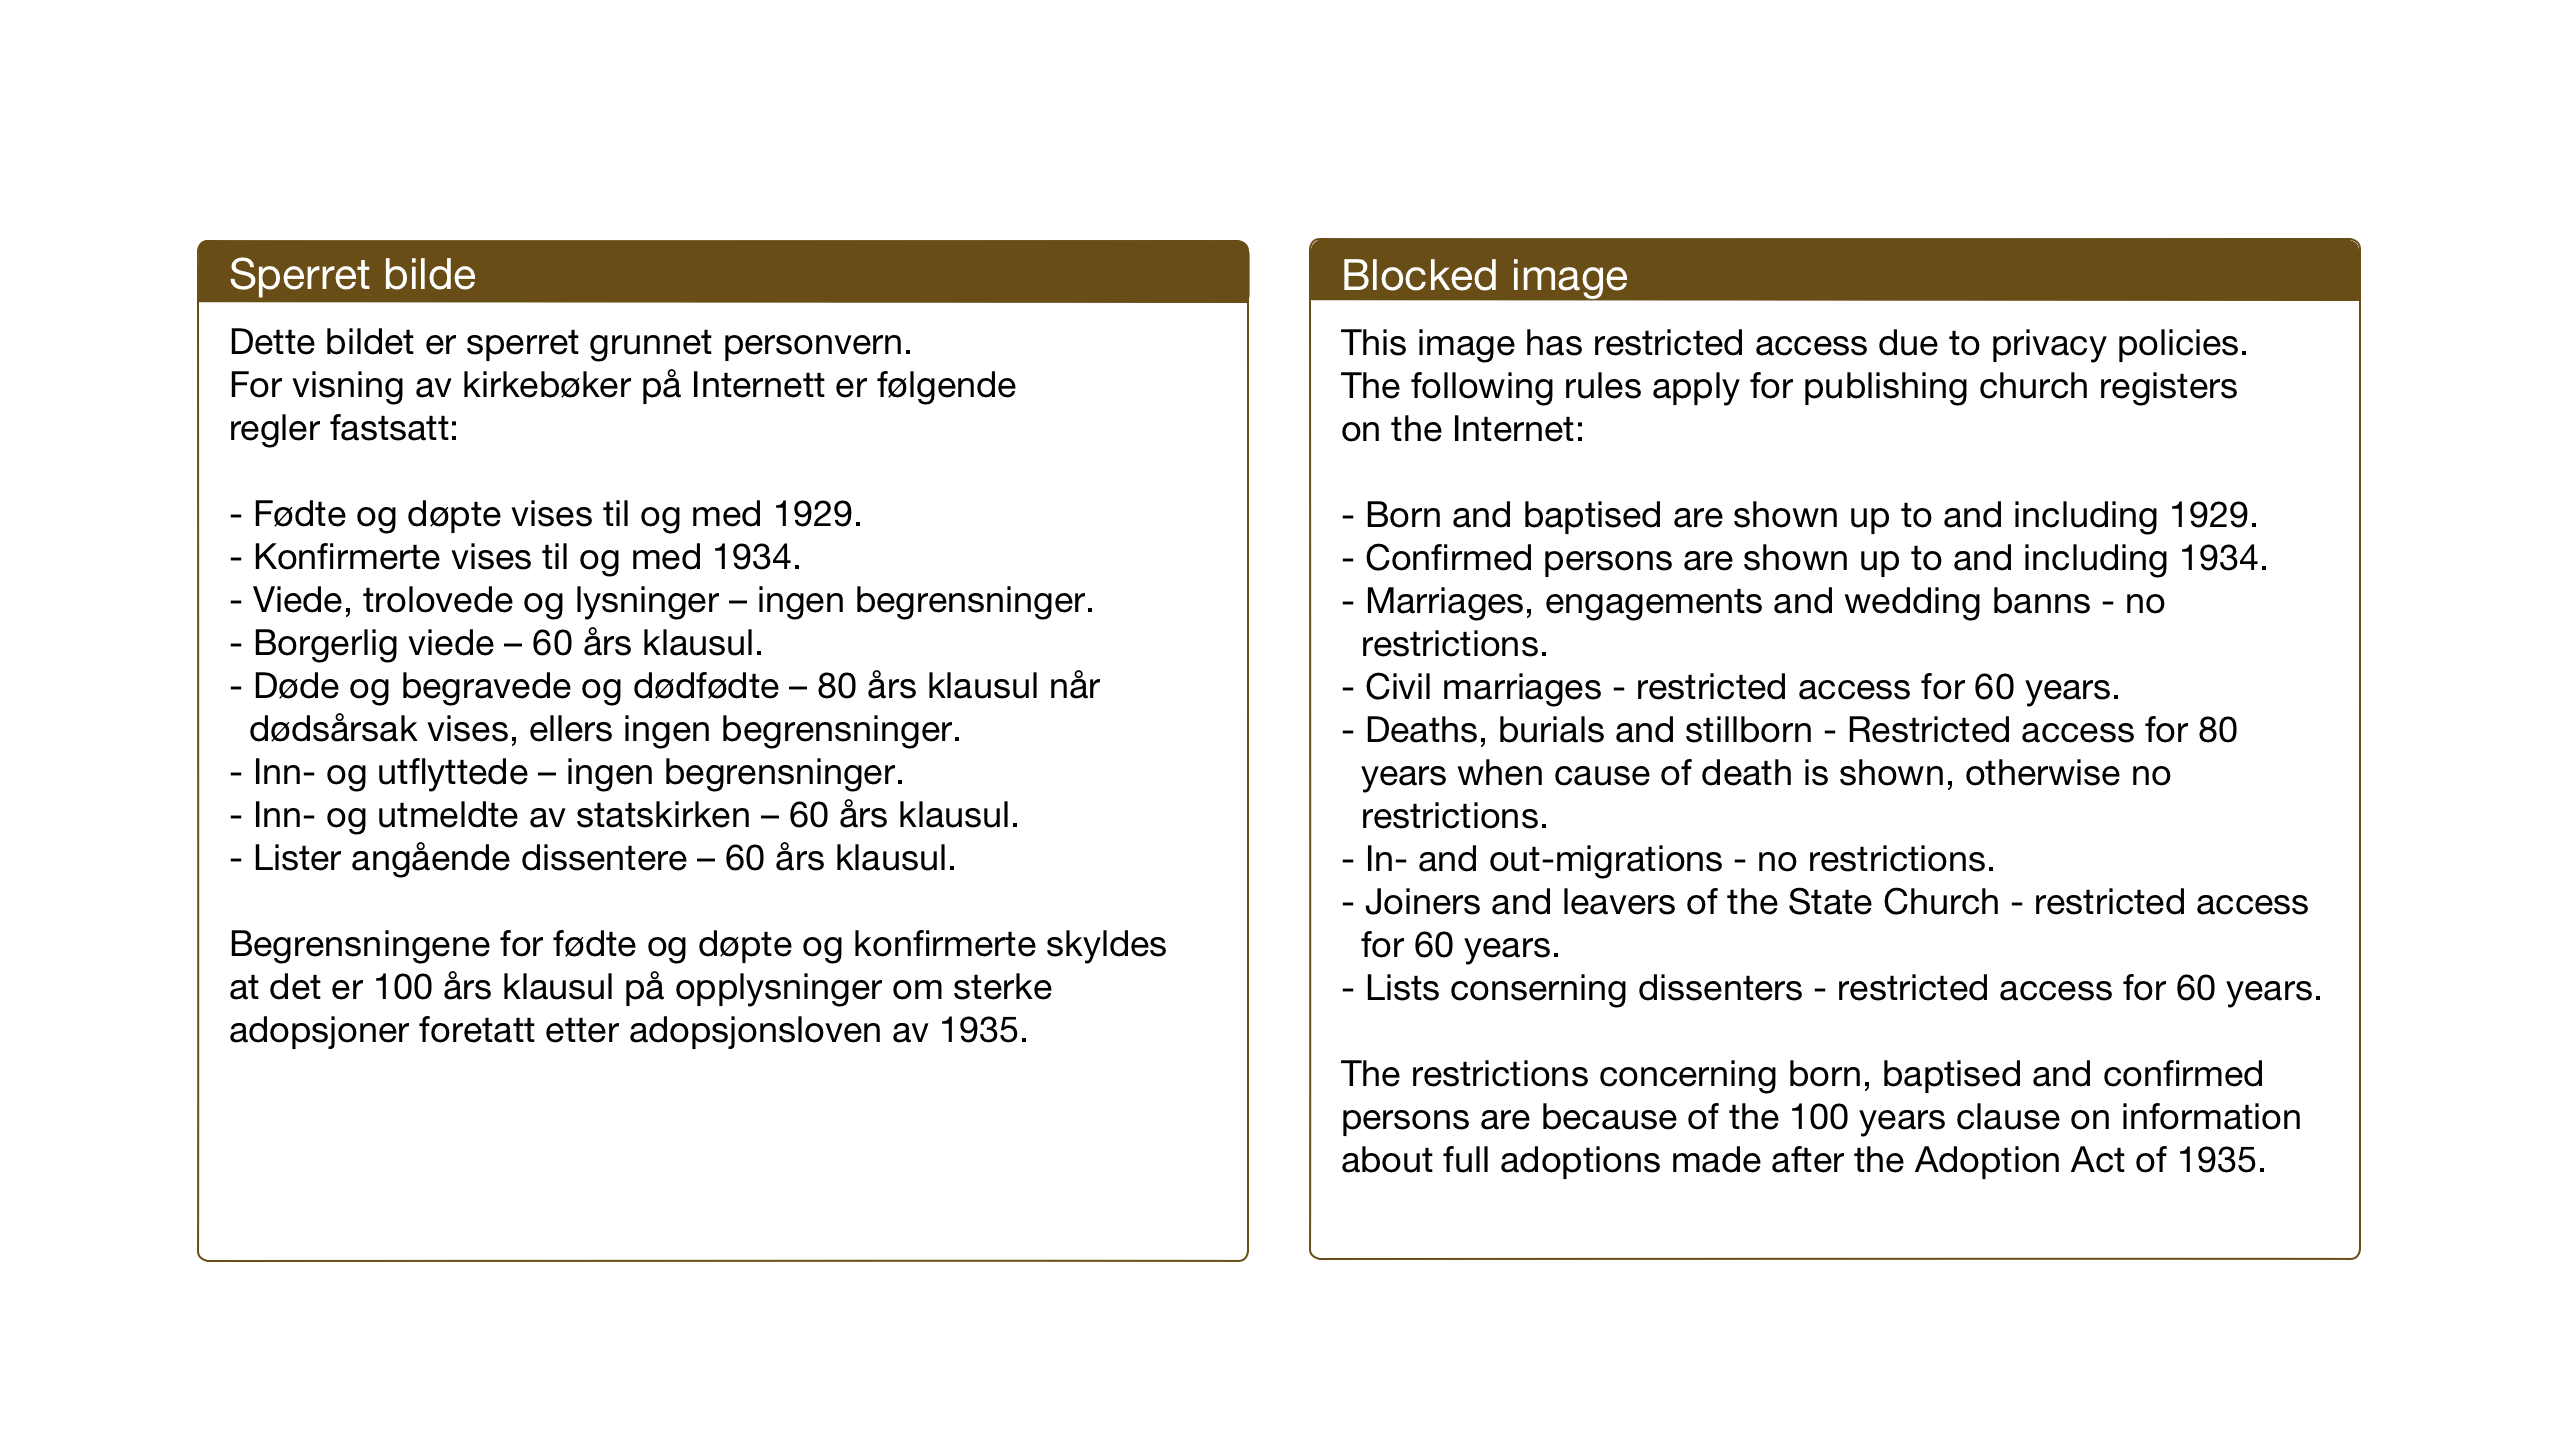 SAT, Ministerialprotokoller, klokkerbøker og fødselsregistre - Sør-Trøndelag, 618/L0454: Klokkerbok nr. 618C05, 1926-1946, s. 46